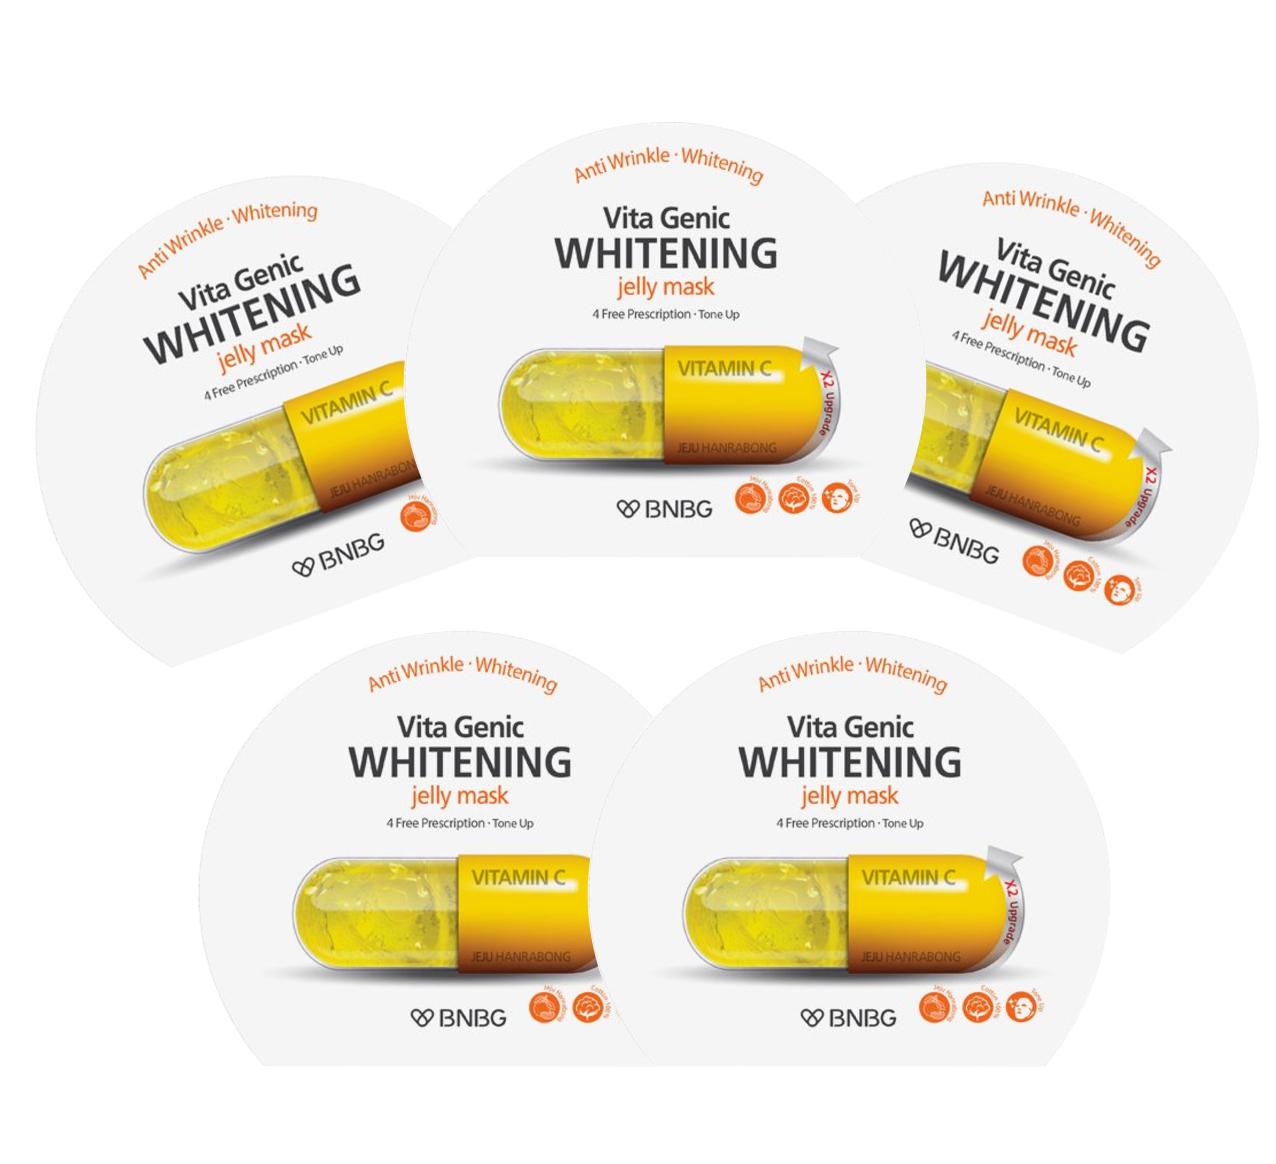 Combo 5 Mặt nạ giấy dưỡng da trắng sáng và làm đều màu da  Banobagi Vita Genic Whitening Jelly Mask (Vitamin C) 30ml x5 - 5315972 , 9283245585445 , 62_15974747 , 150000 , Combo-5-Mat-na-giay-duong-da-trang-sang-va-lam-deu-mau-da-Banobagi-Vita-Genic-Whitening-Jelly-Mask-Vitamin-C-30ml-x5-62_15974747 , tiki.vn , Combo 5 Mặt nạ giấy dưỡng da trắng sáng và làm đều màu da  B